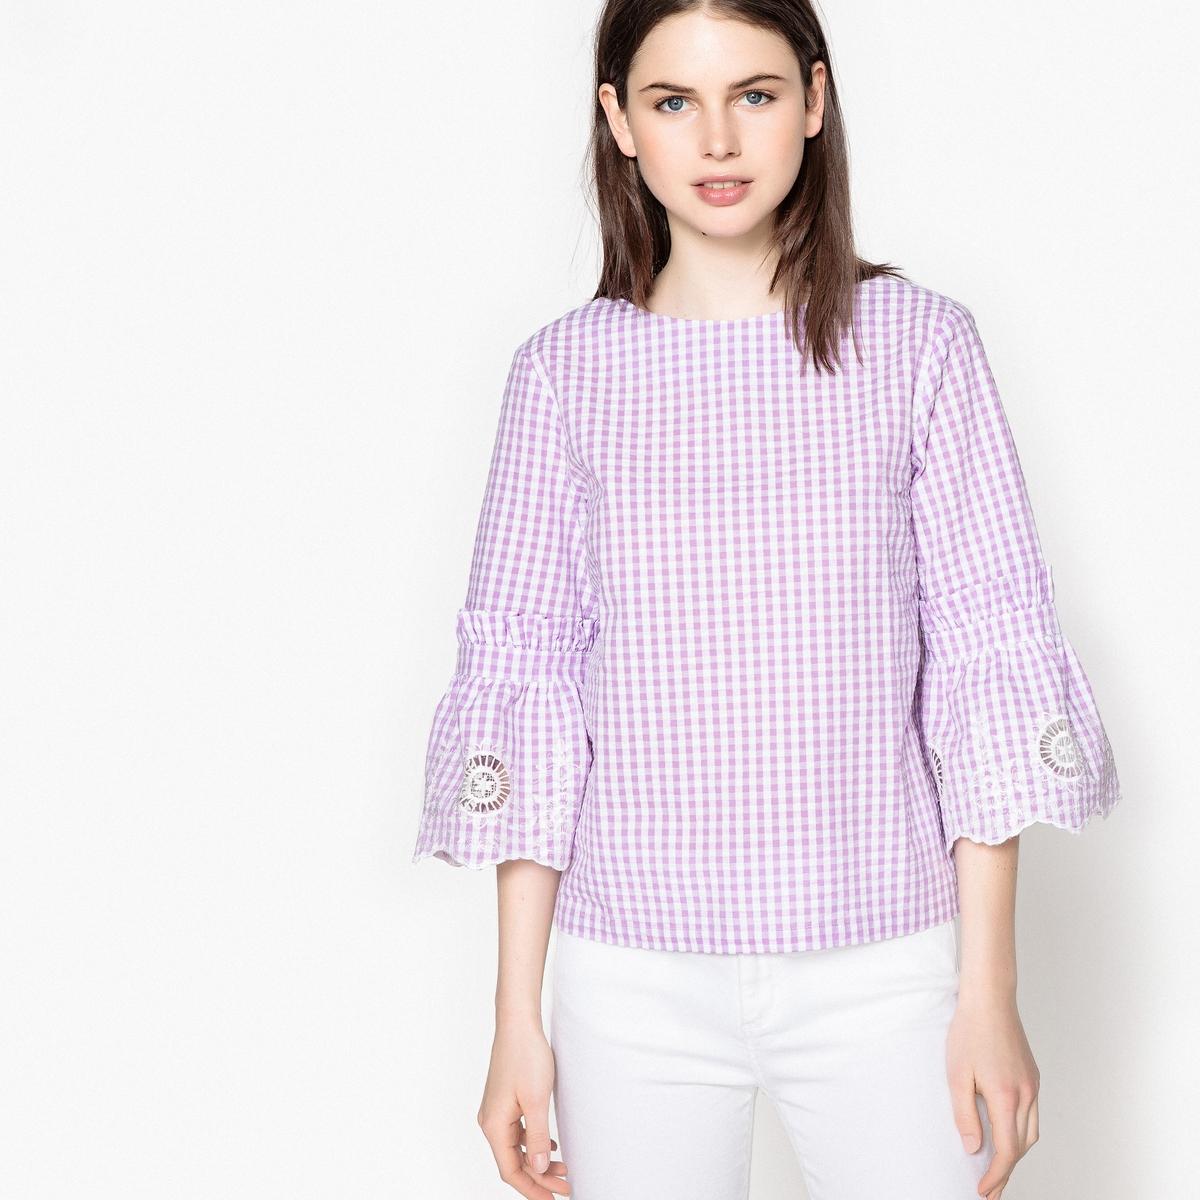 Блузка La Redoute С принтом виши объемные рукава с вышивкой 34 (FR) - 40 (RUS) розовый виши 48 часов цена